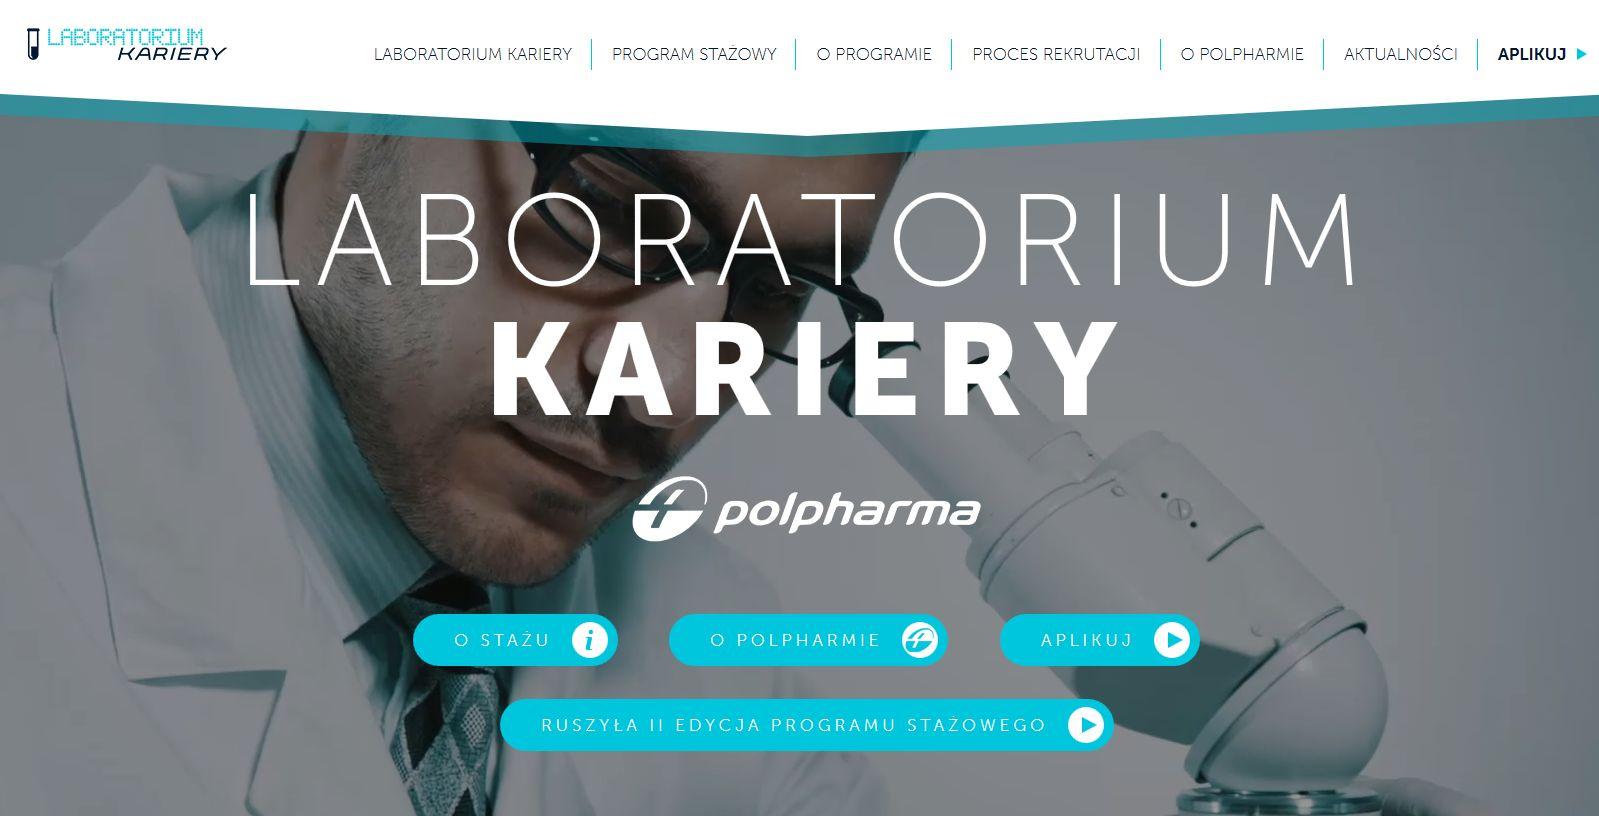 Fot. laboratorium-kariery.pl